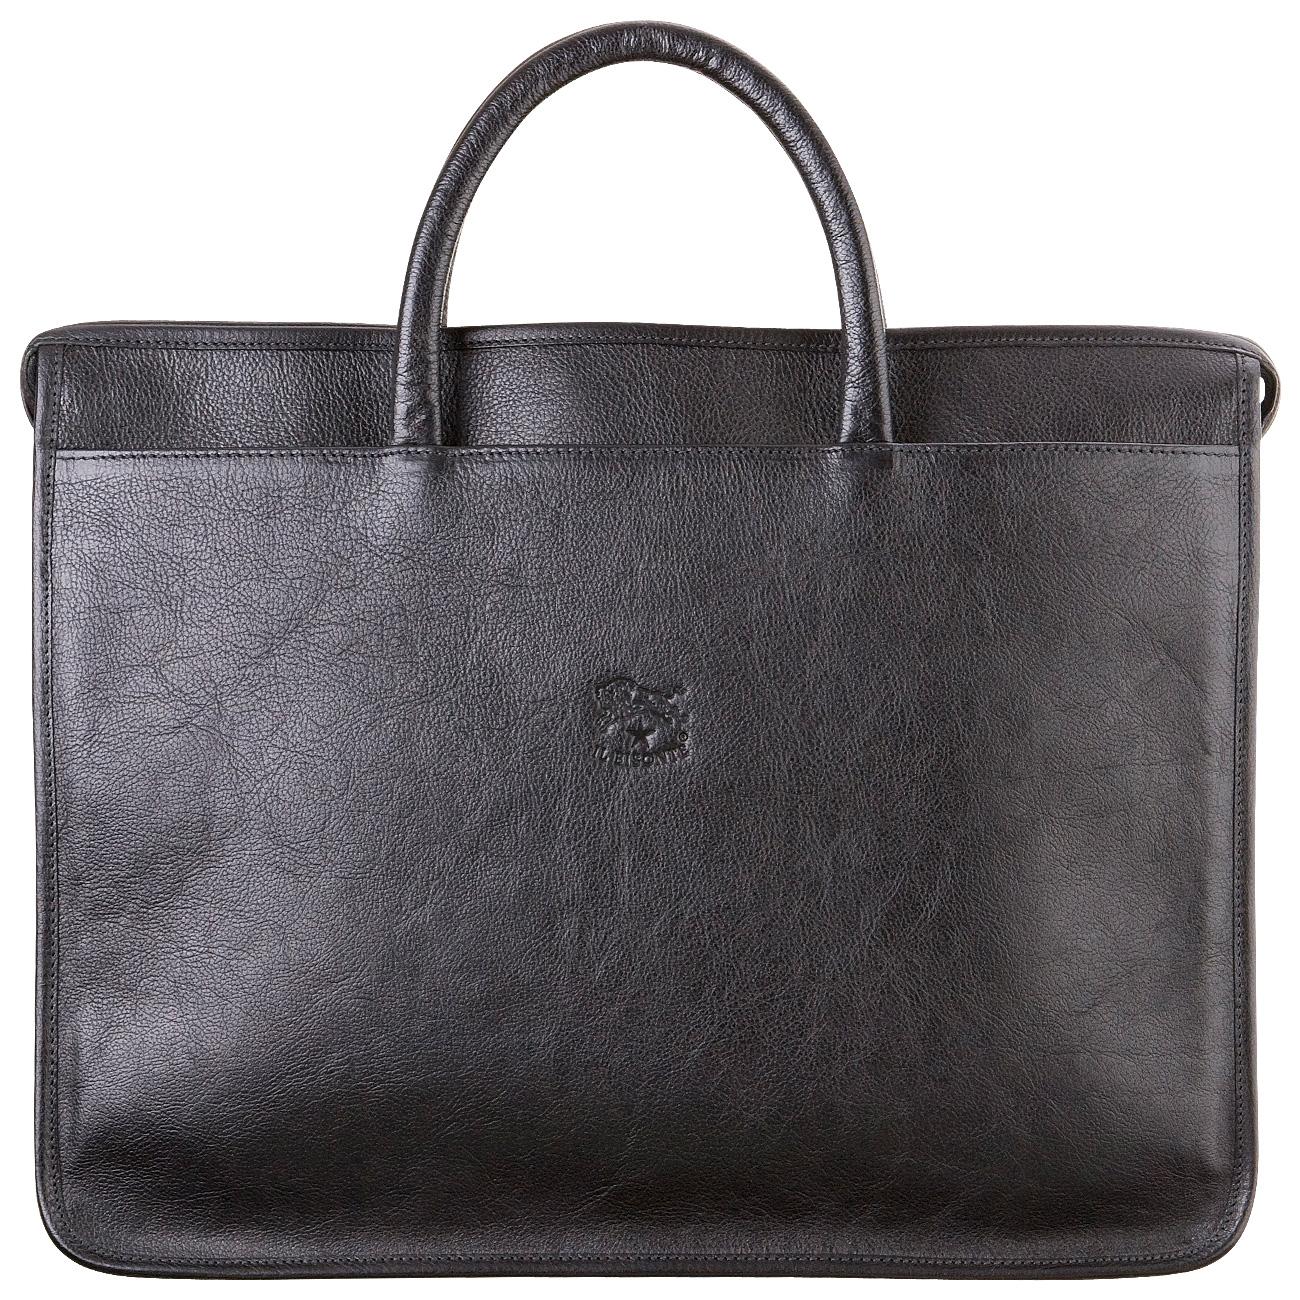 ビジネスバッグ(イルビゾンテ)Leather Bag